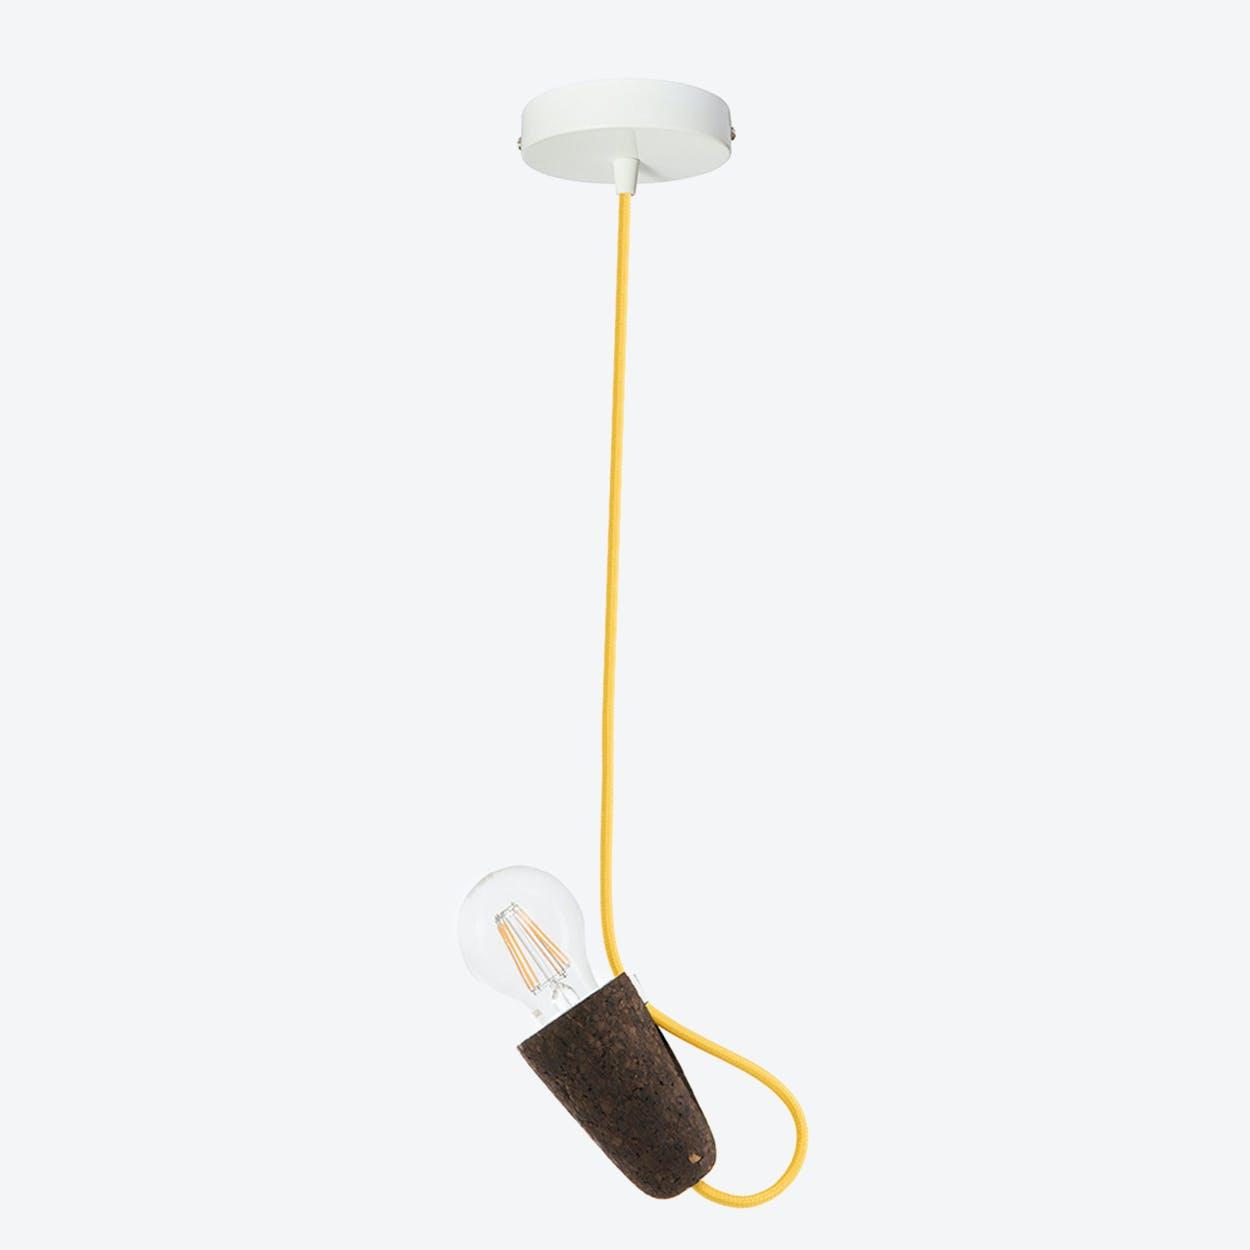 Sininho Pendant Lamp in Dark Cork & Yellow